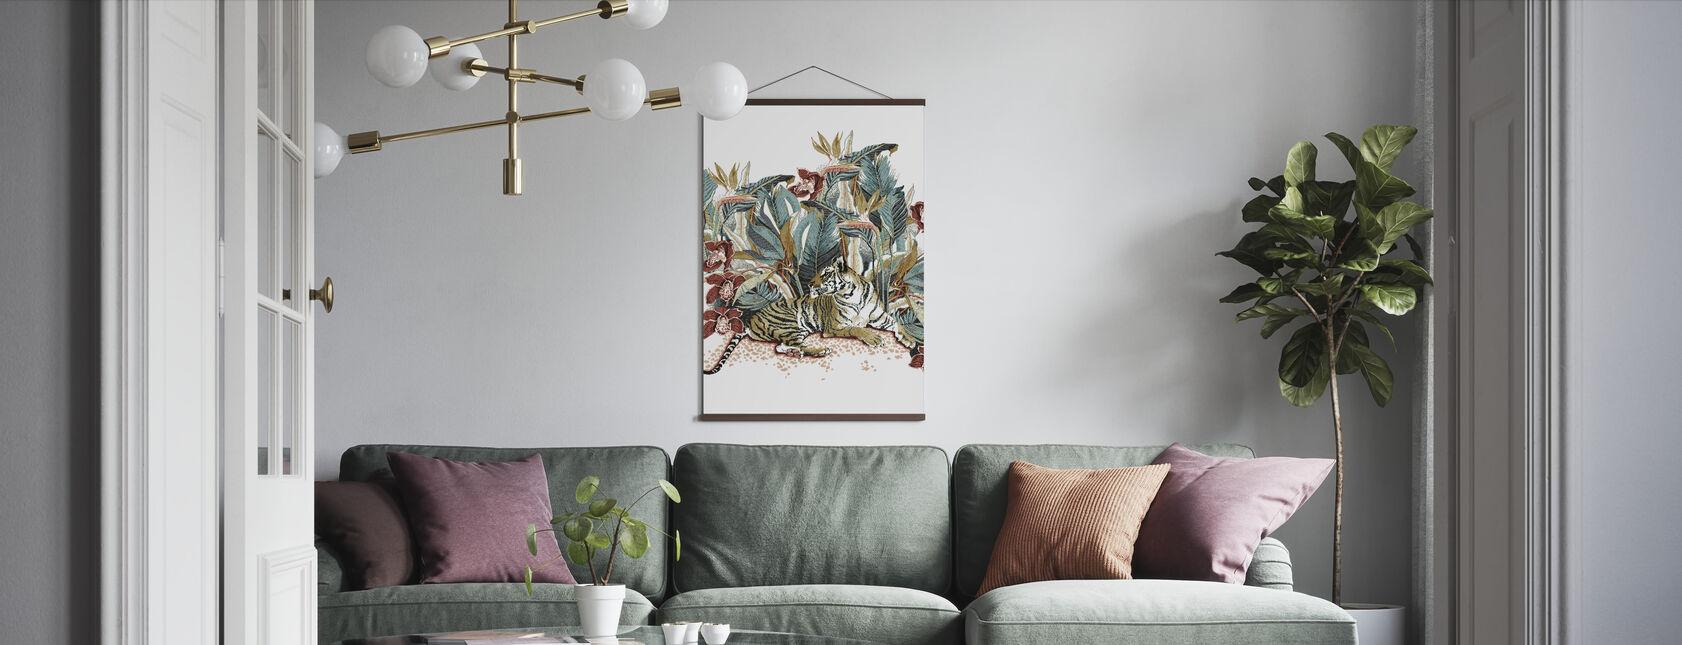 Resting Tigress - Burnt Orange and Teal - Poster - Living Room